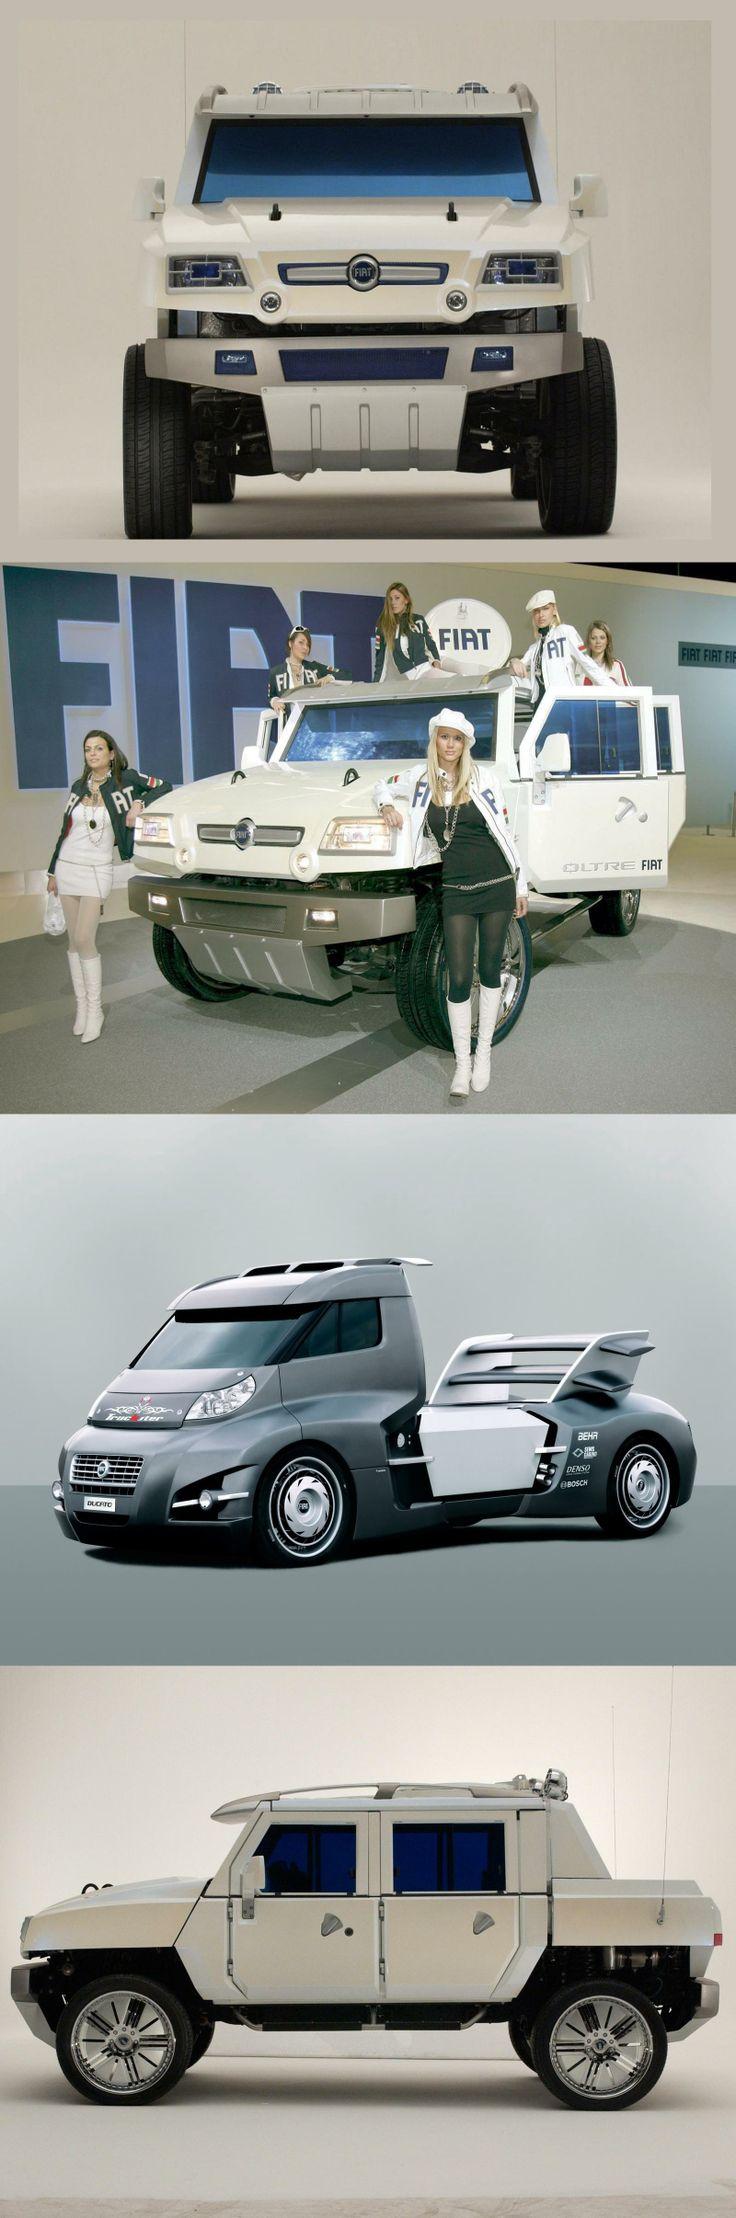 Fiat ducato truckster concept 2006